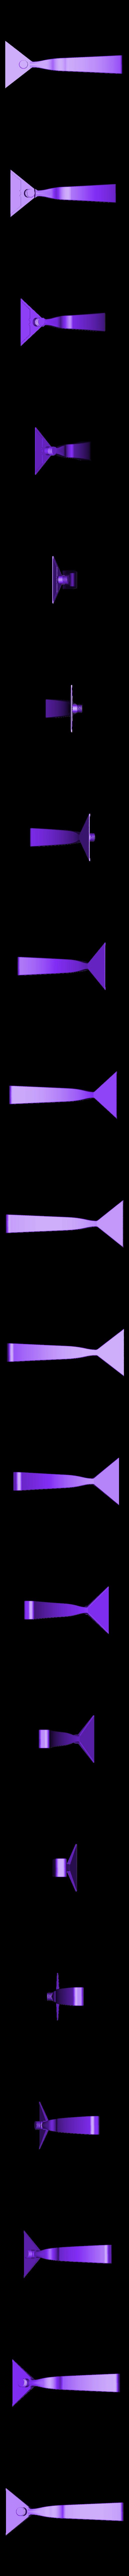 scraper_handle.stl Télécharger fichier STL gratuit Grattoir à peinture ergonomique pour lames utilitaires • Objet pour imprimante 3D, ericcherry